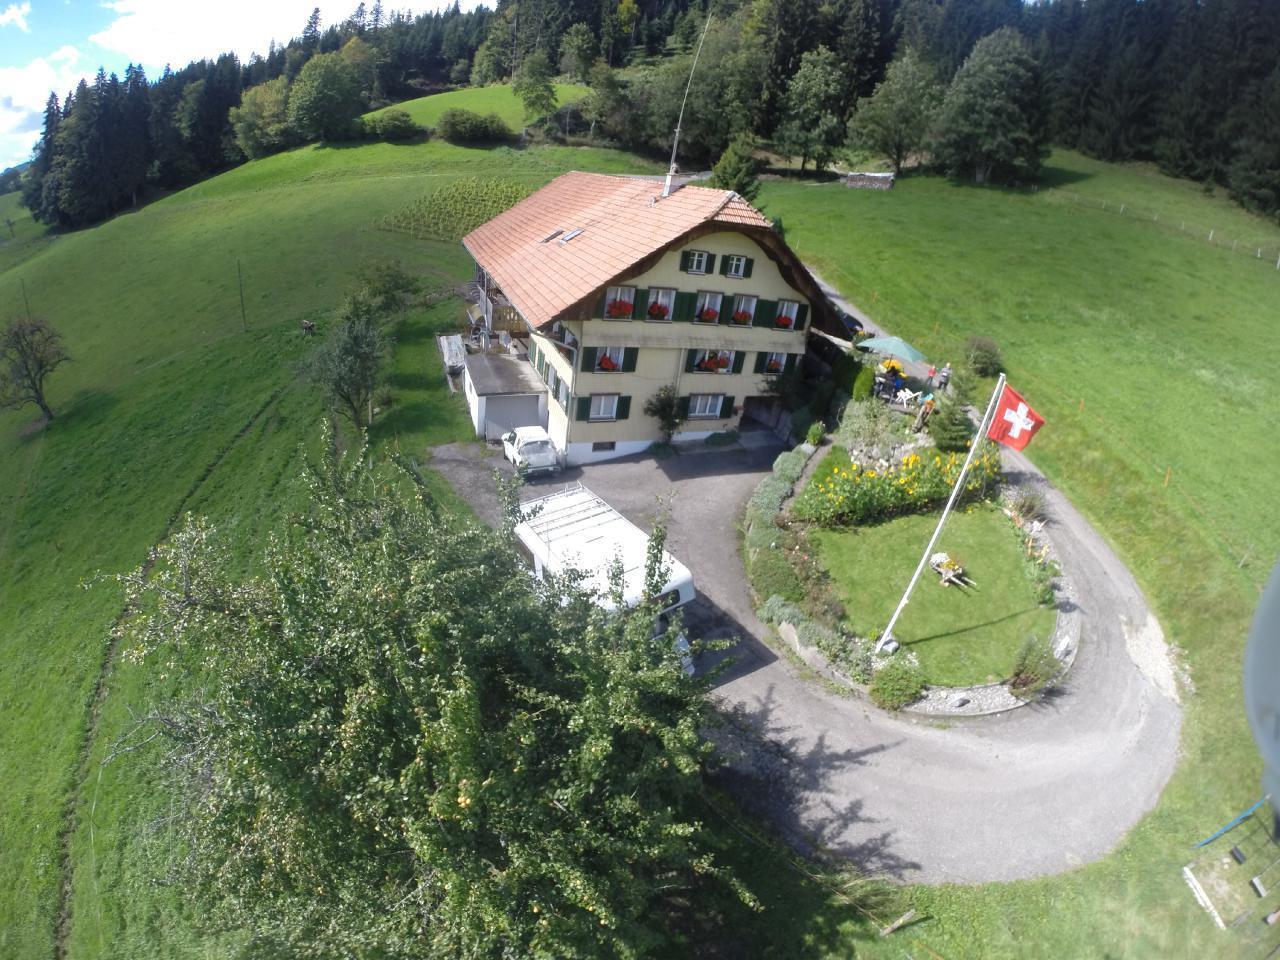 Ferienwohnung im Entlebuch, Luzern, Schweiz